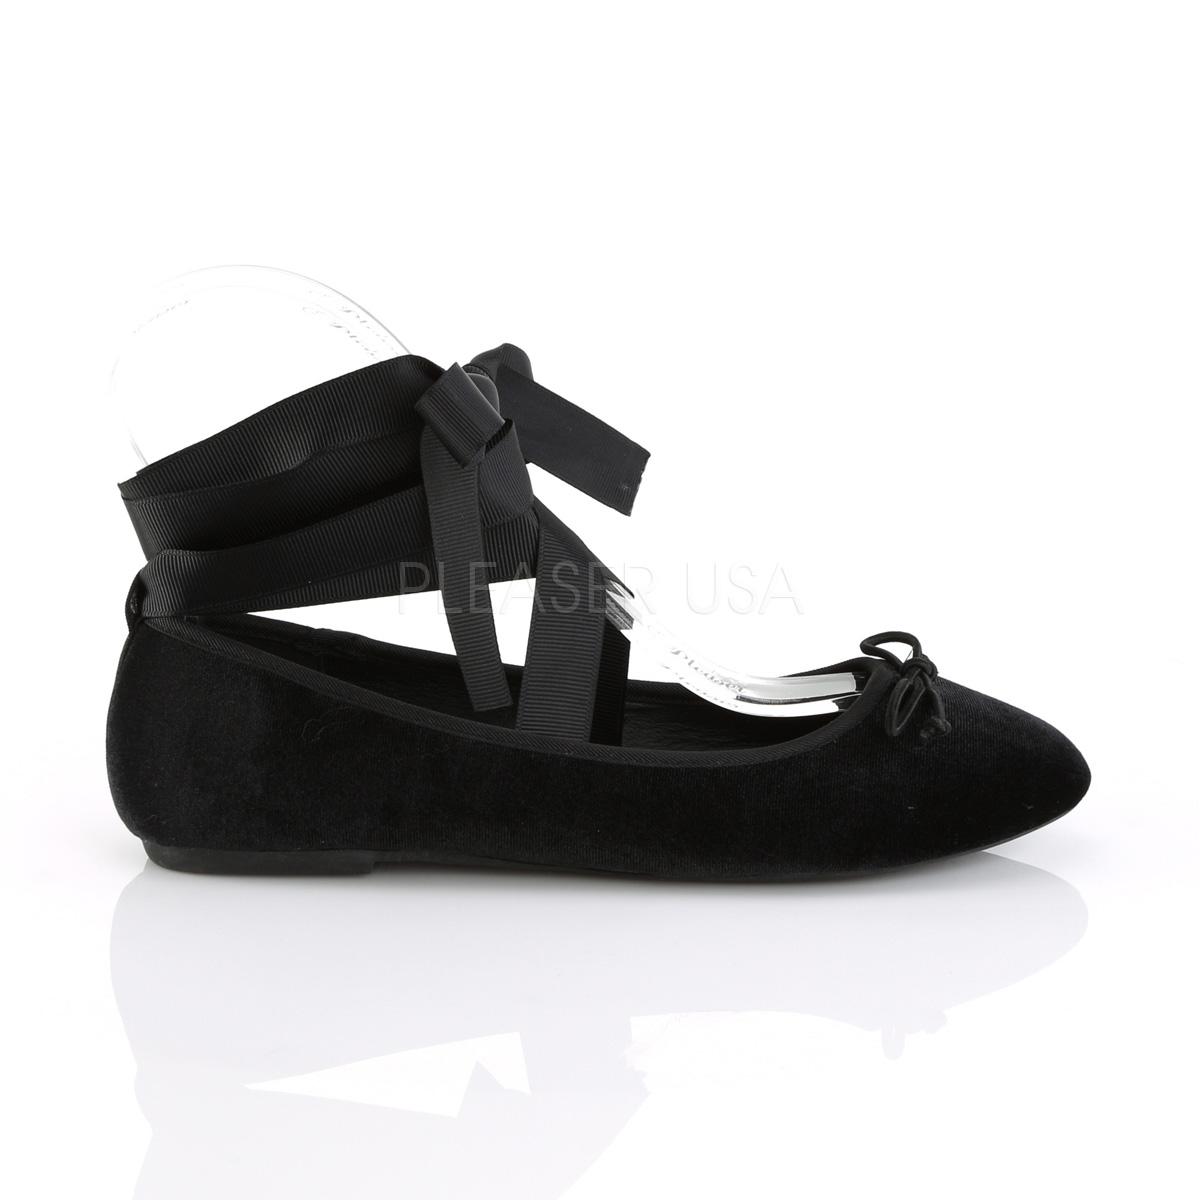 Velvet DEMONIA DRAC 03 ballerinas flat womens shoes